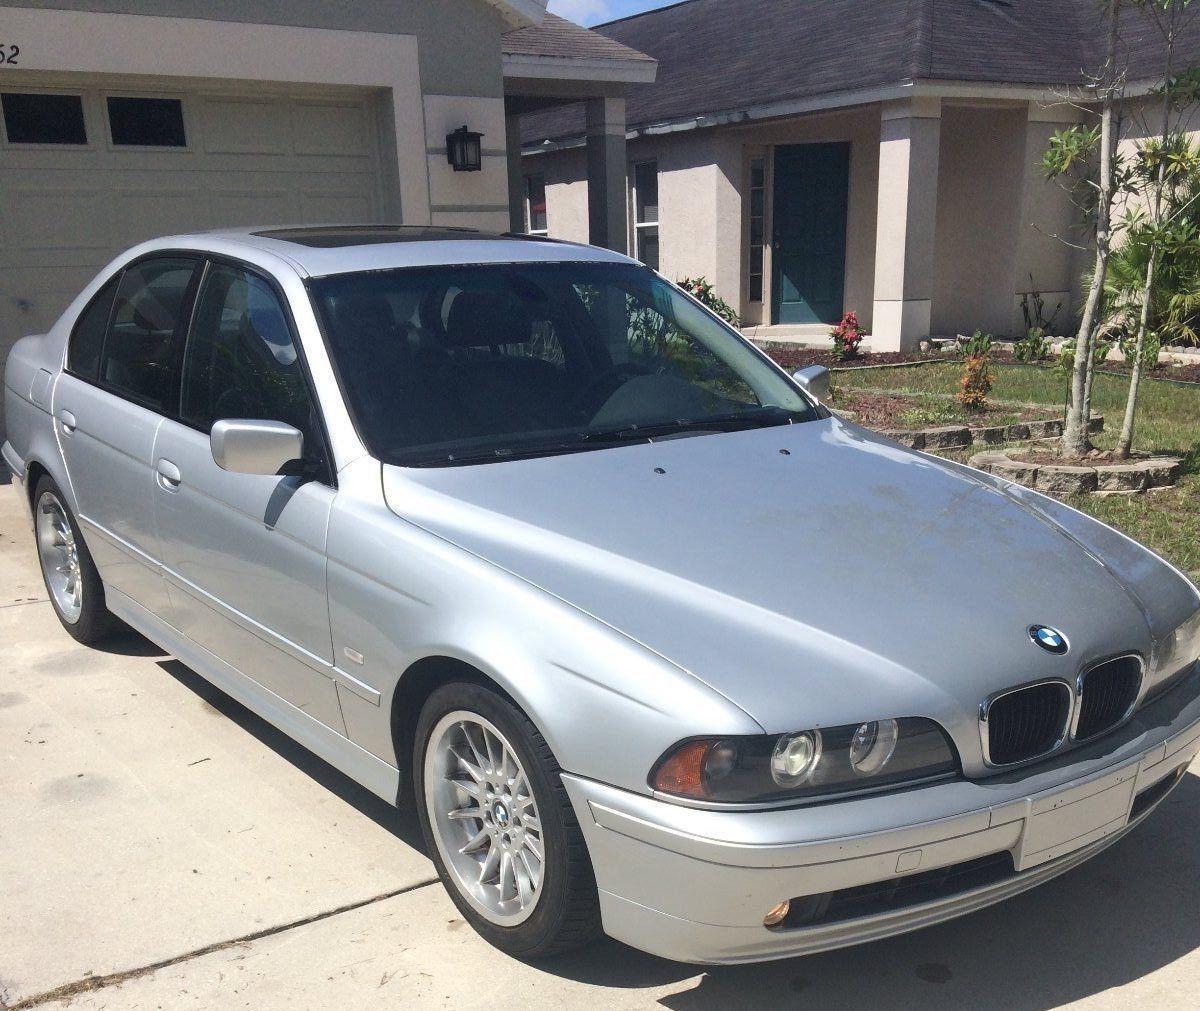 2001 BMW 5-Series 540i 2001 BMW 540i E39 4.4 Liter V8